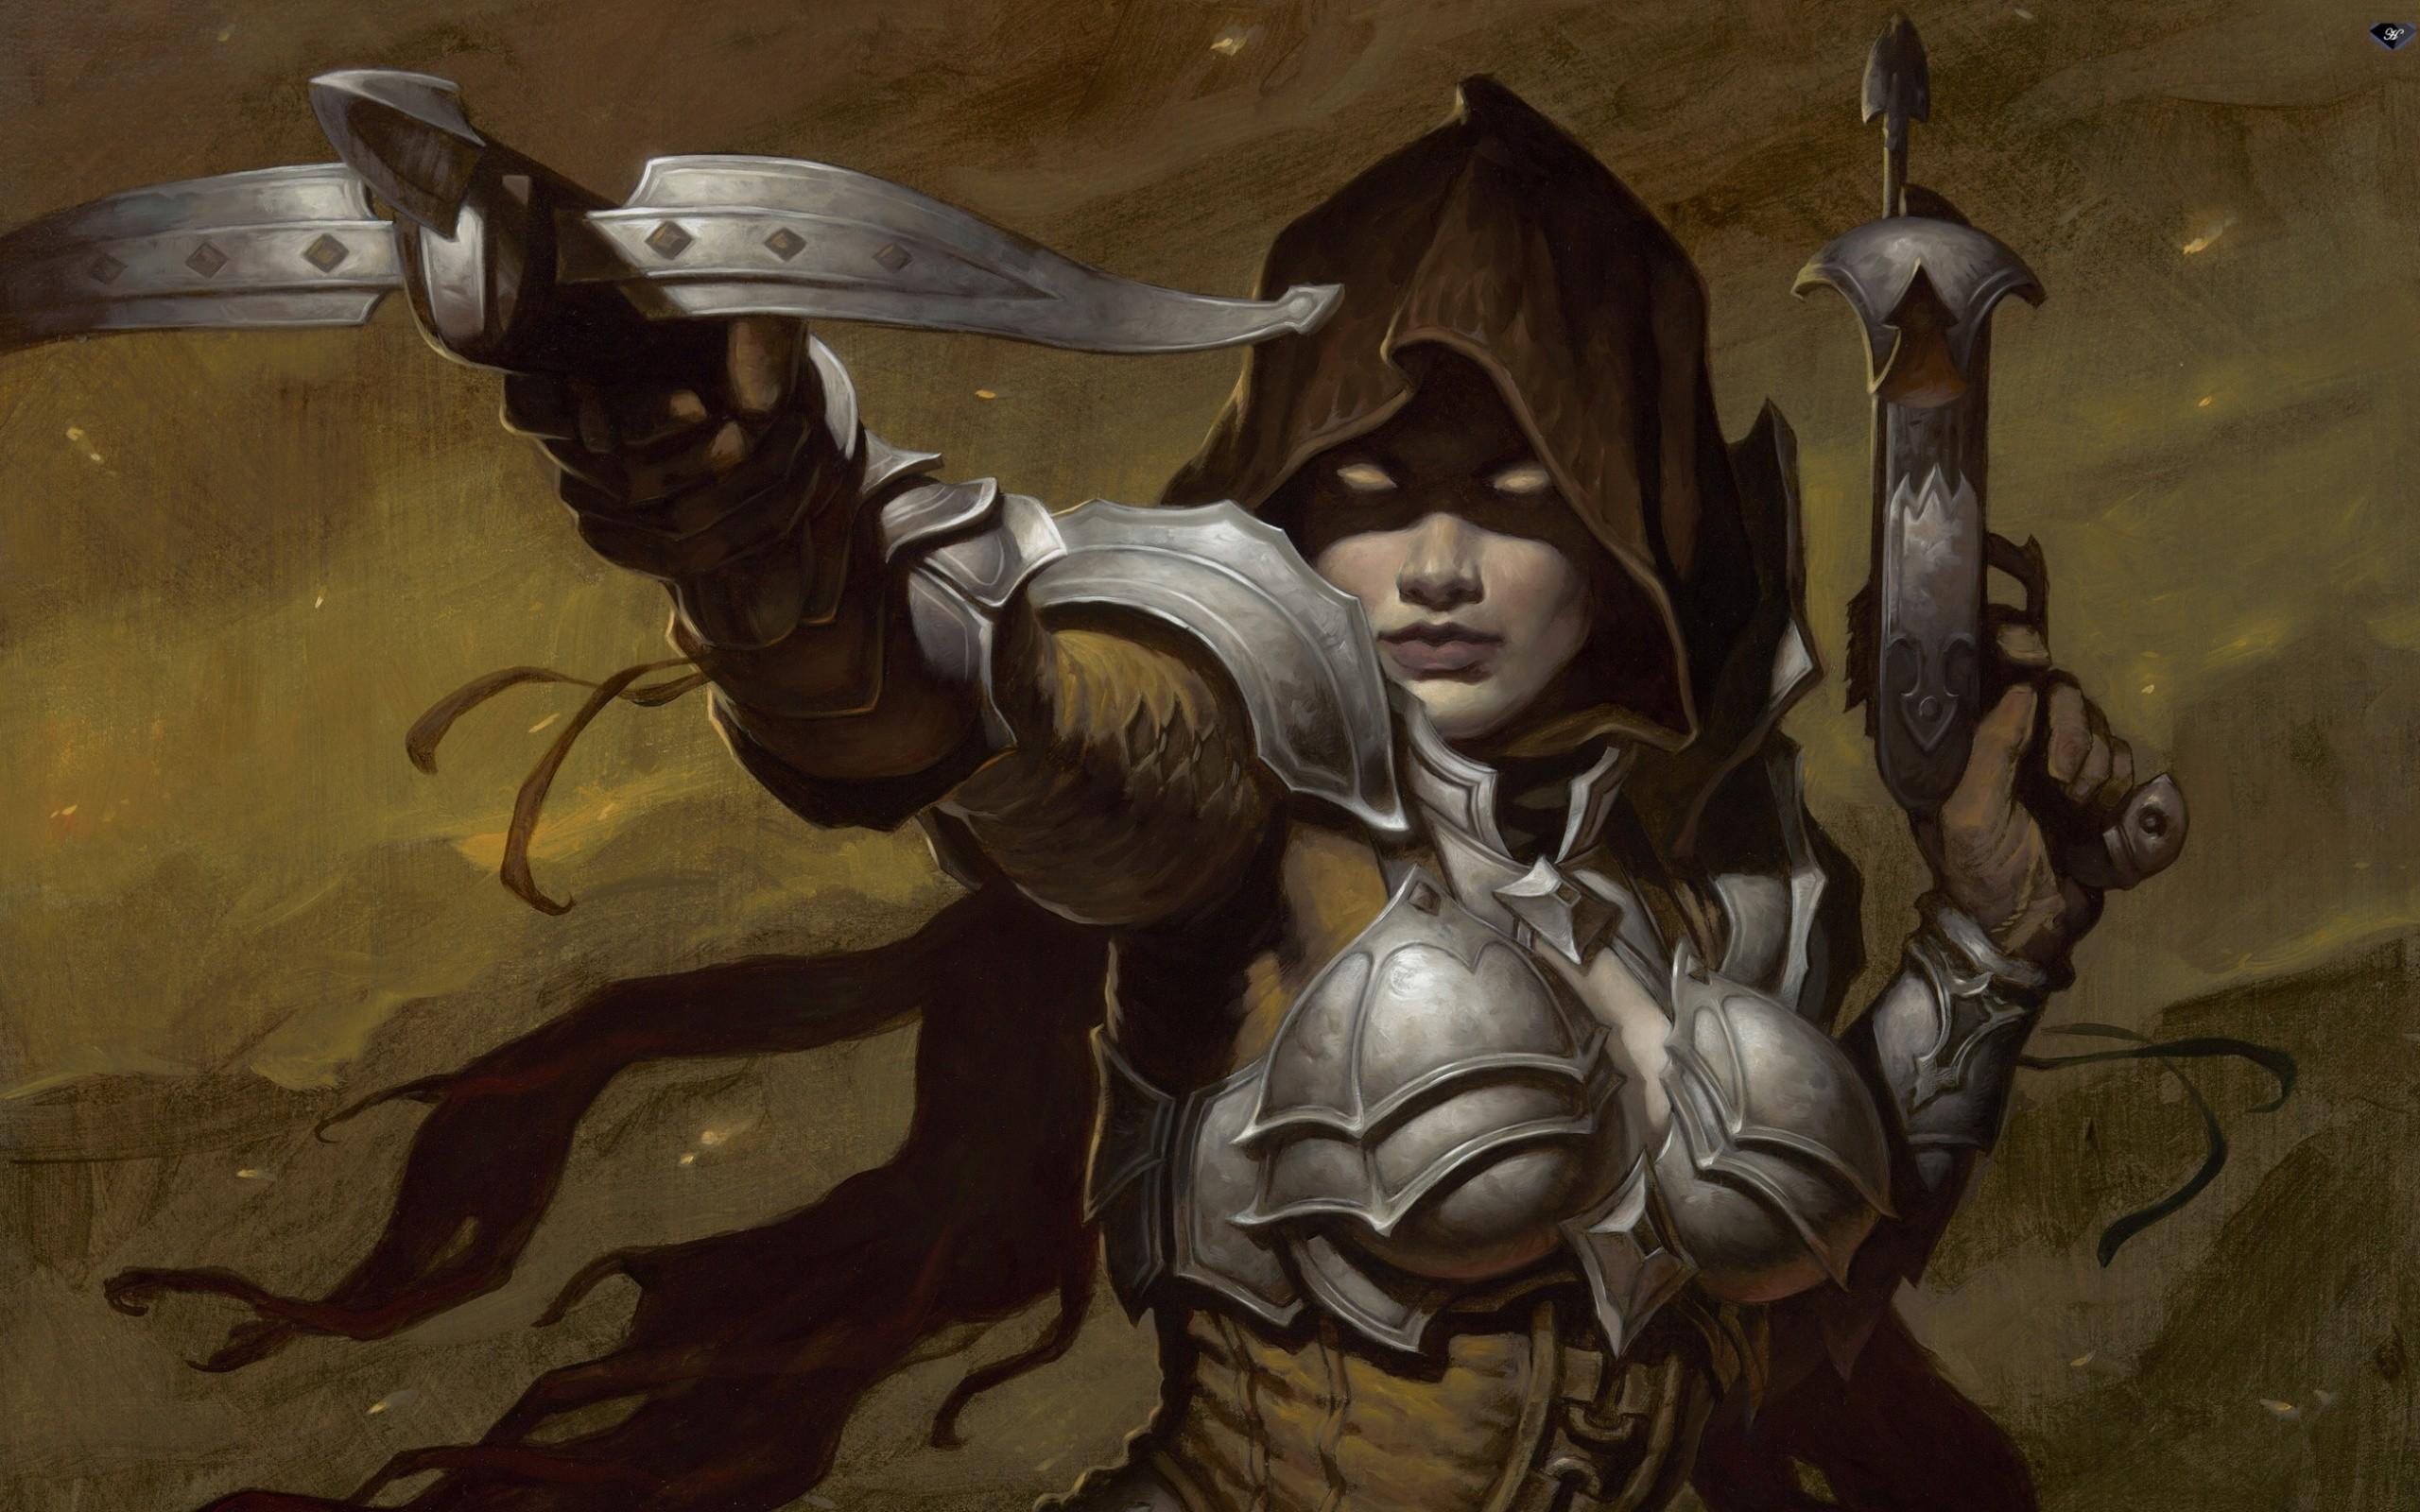 Female Assassin Diablo 3 wallpaper   ForWallpapercom 2560x1600